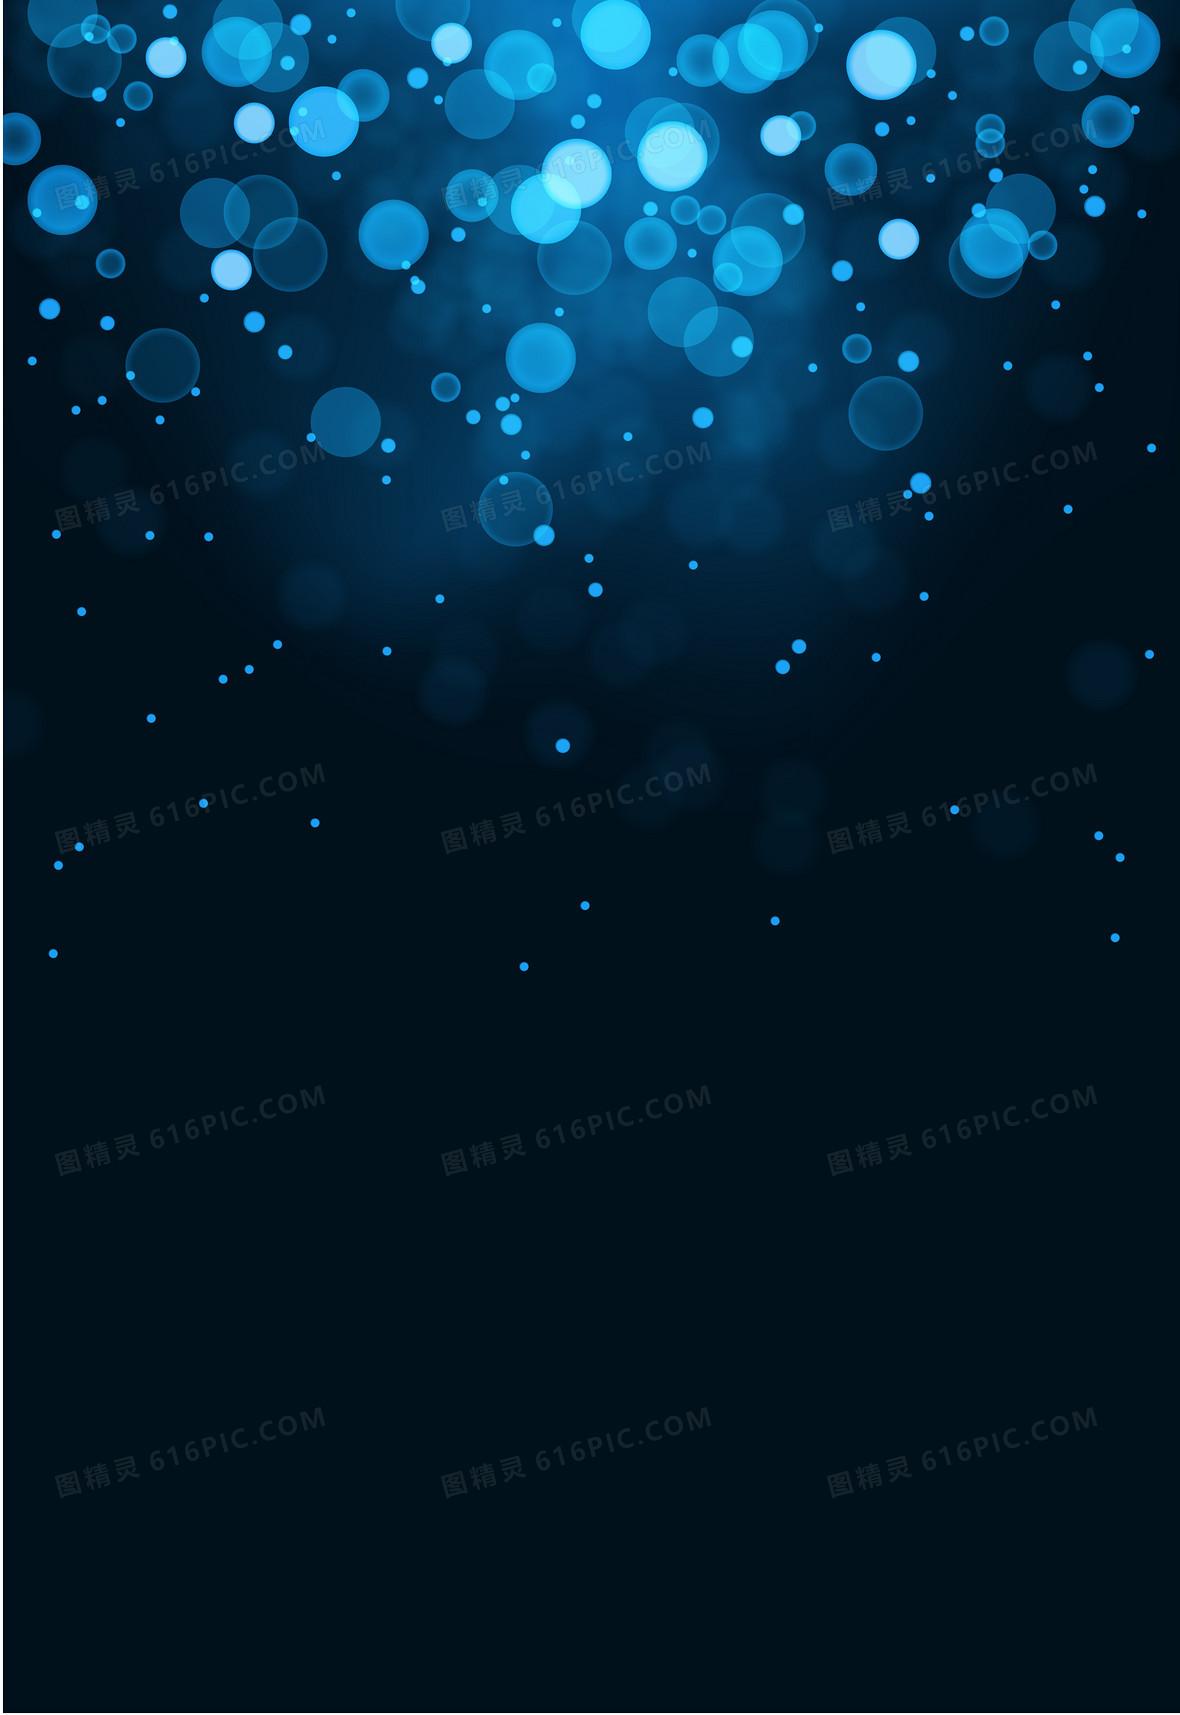 蓝色波点光斑海洋梦幻背景素材